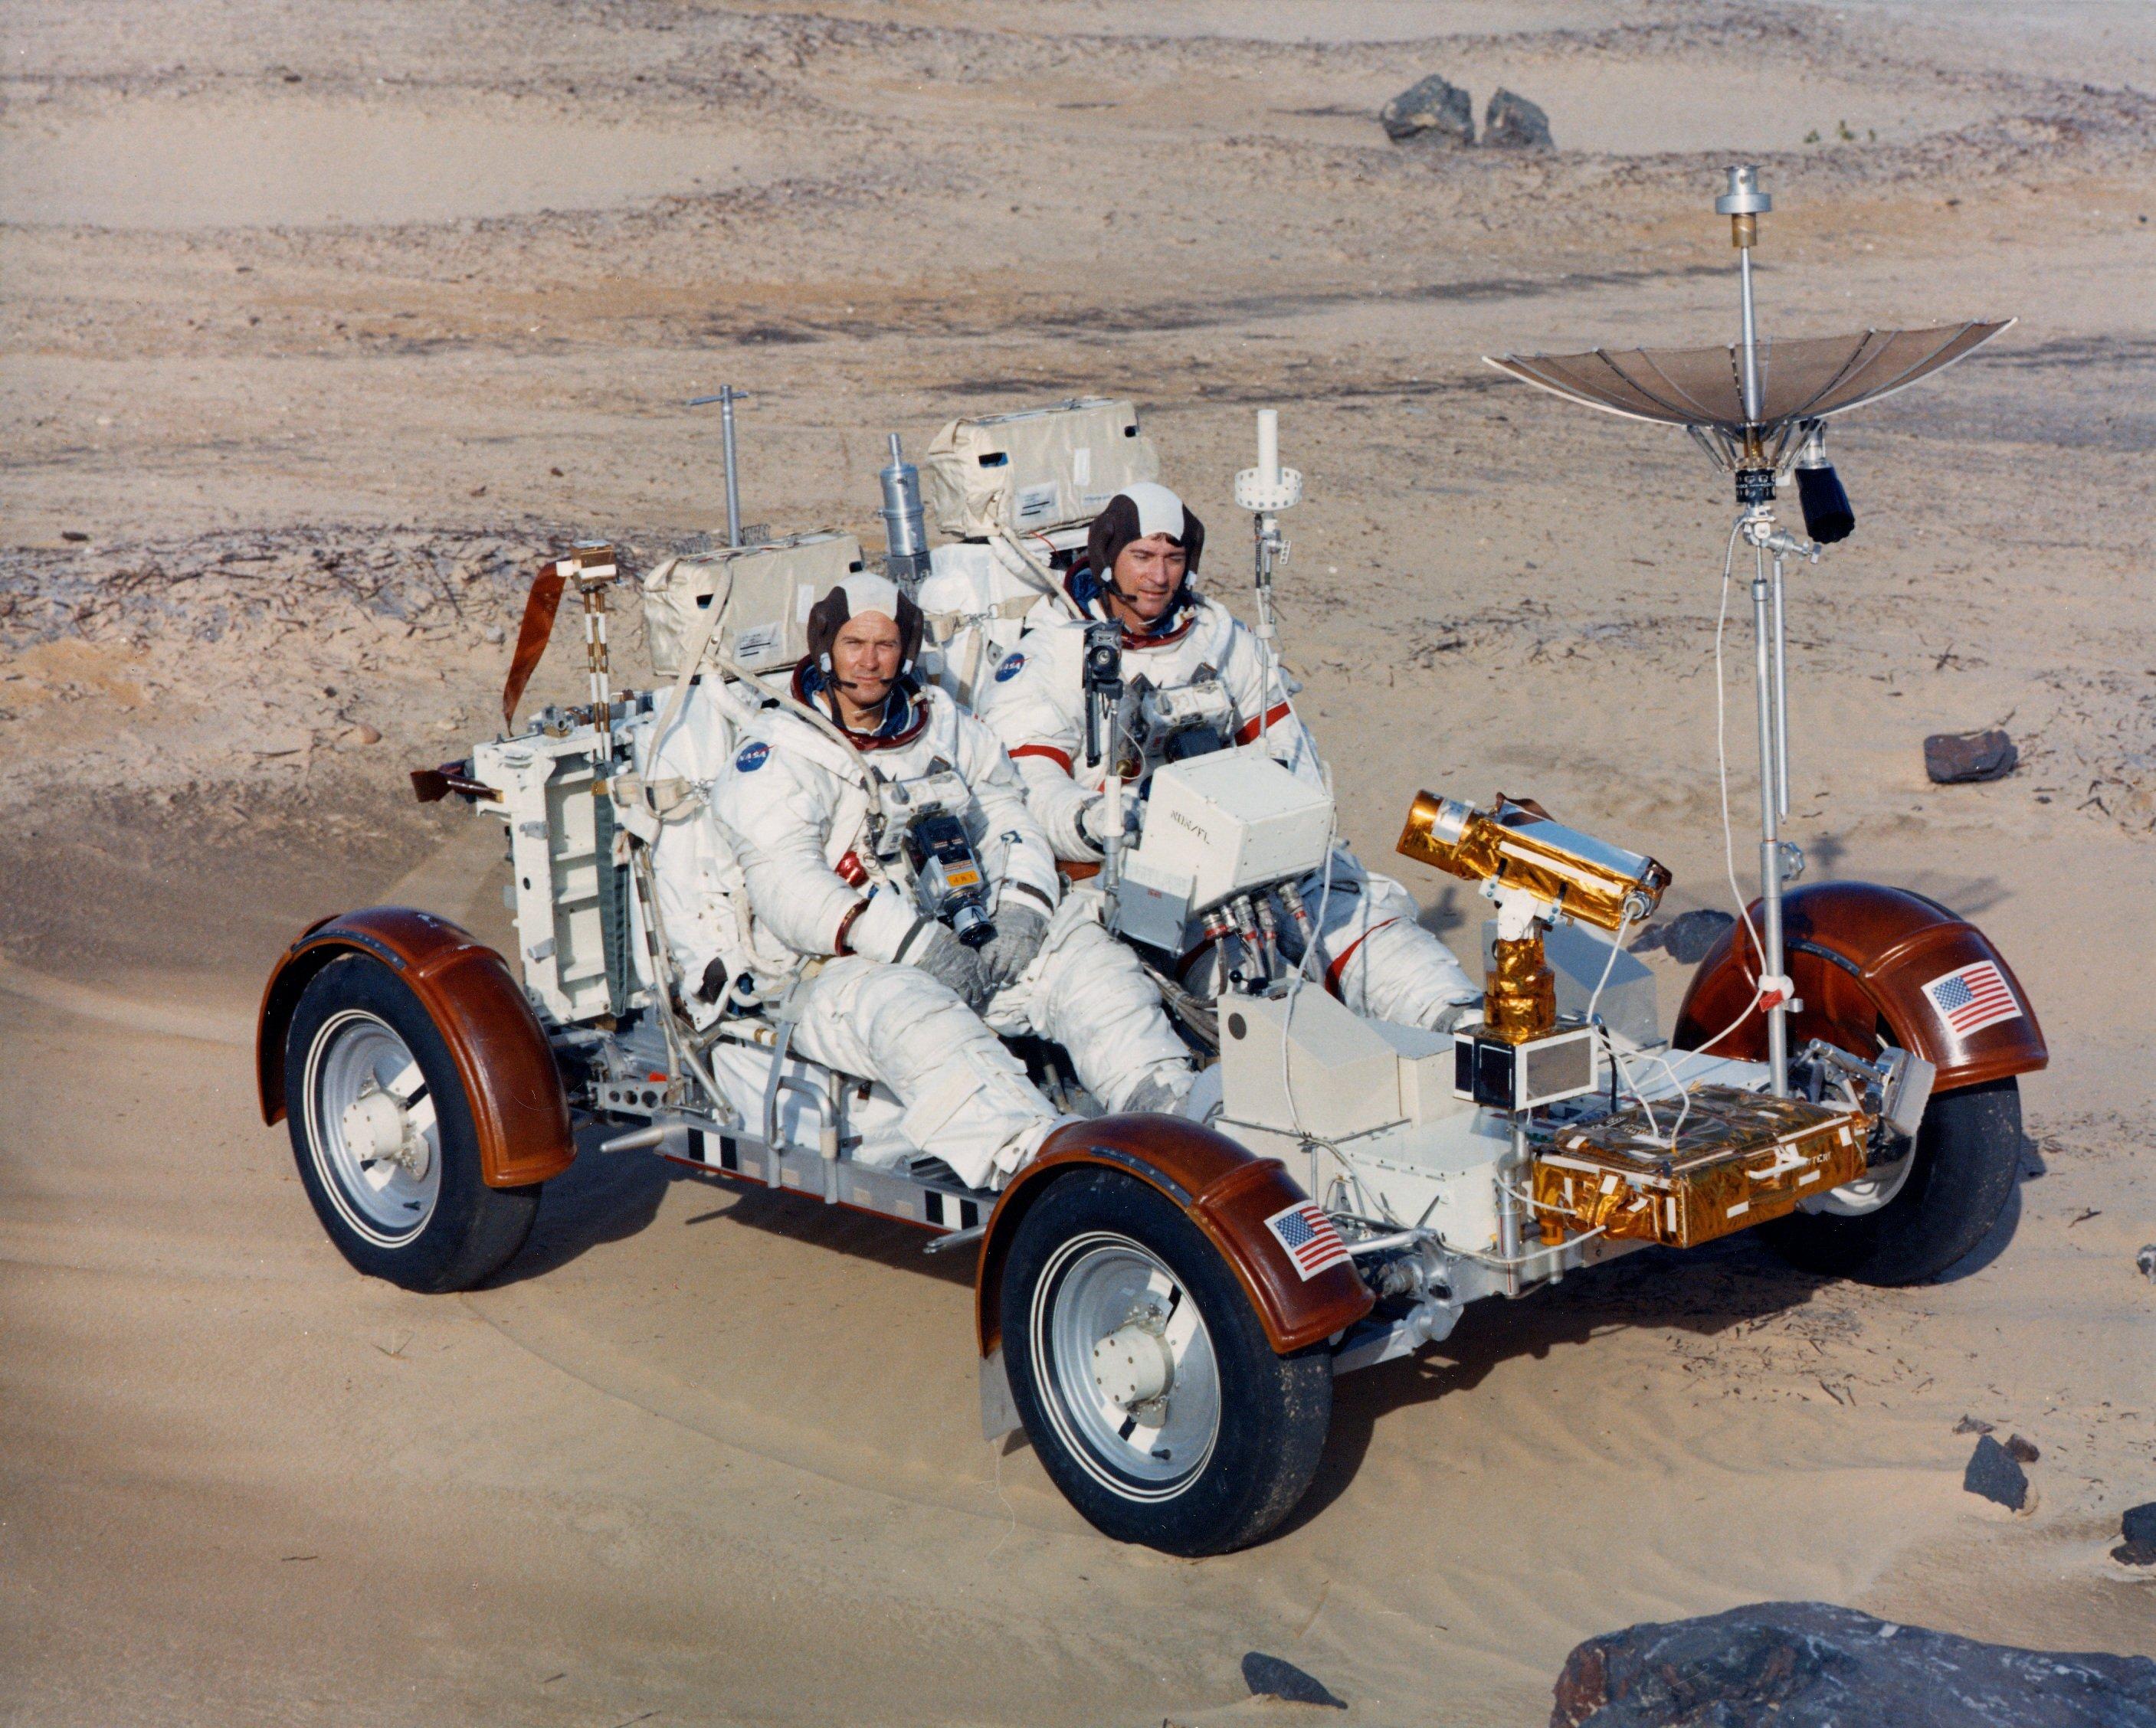 Astronautene Young og Duke testkjører en trenings-simulator bil nede på jorden før avreise med Apollo 16.